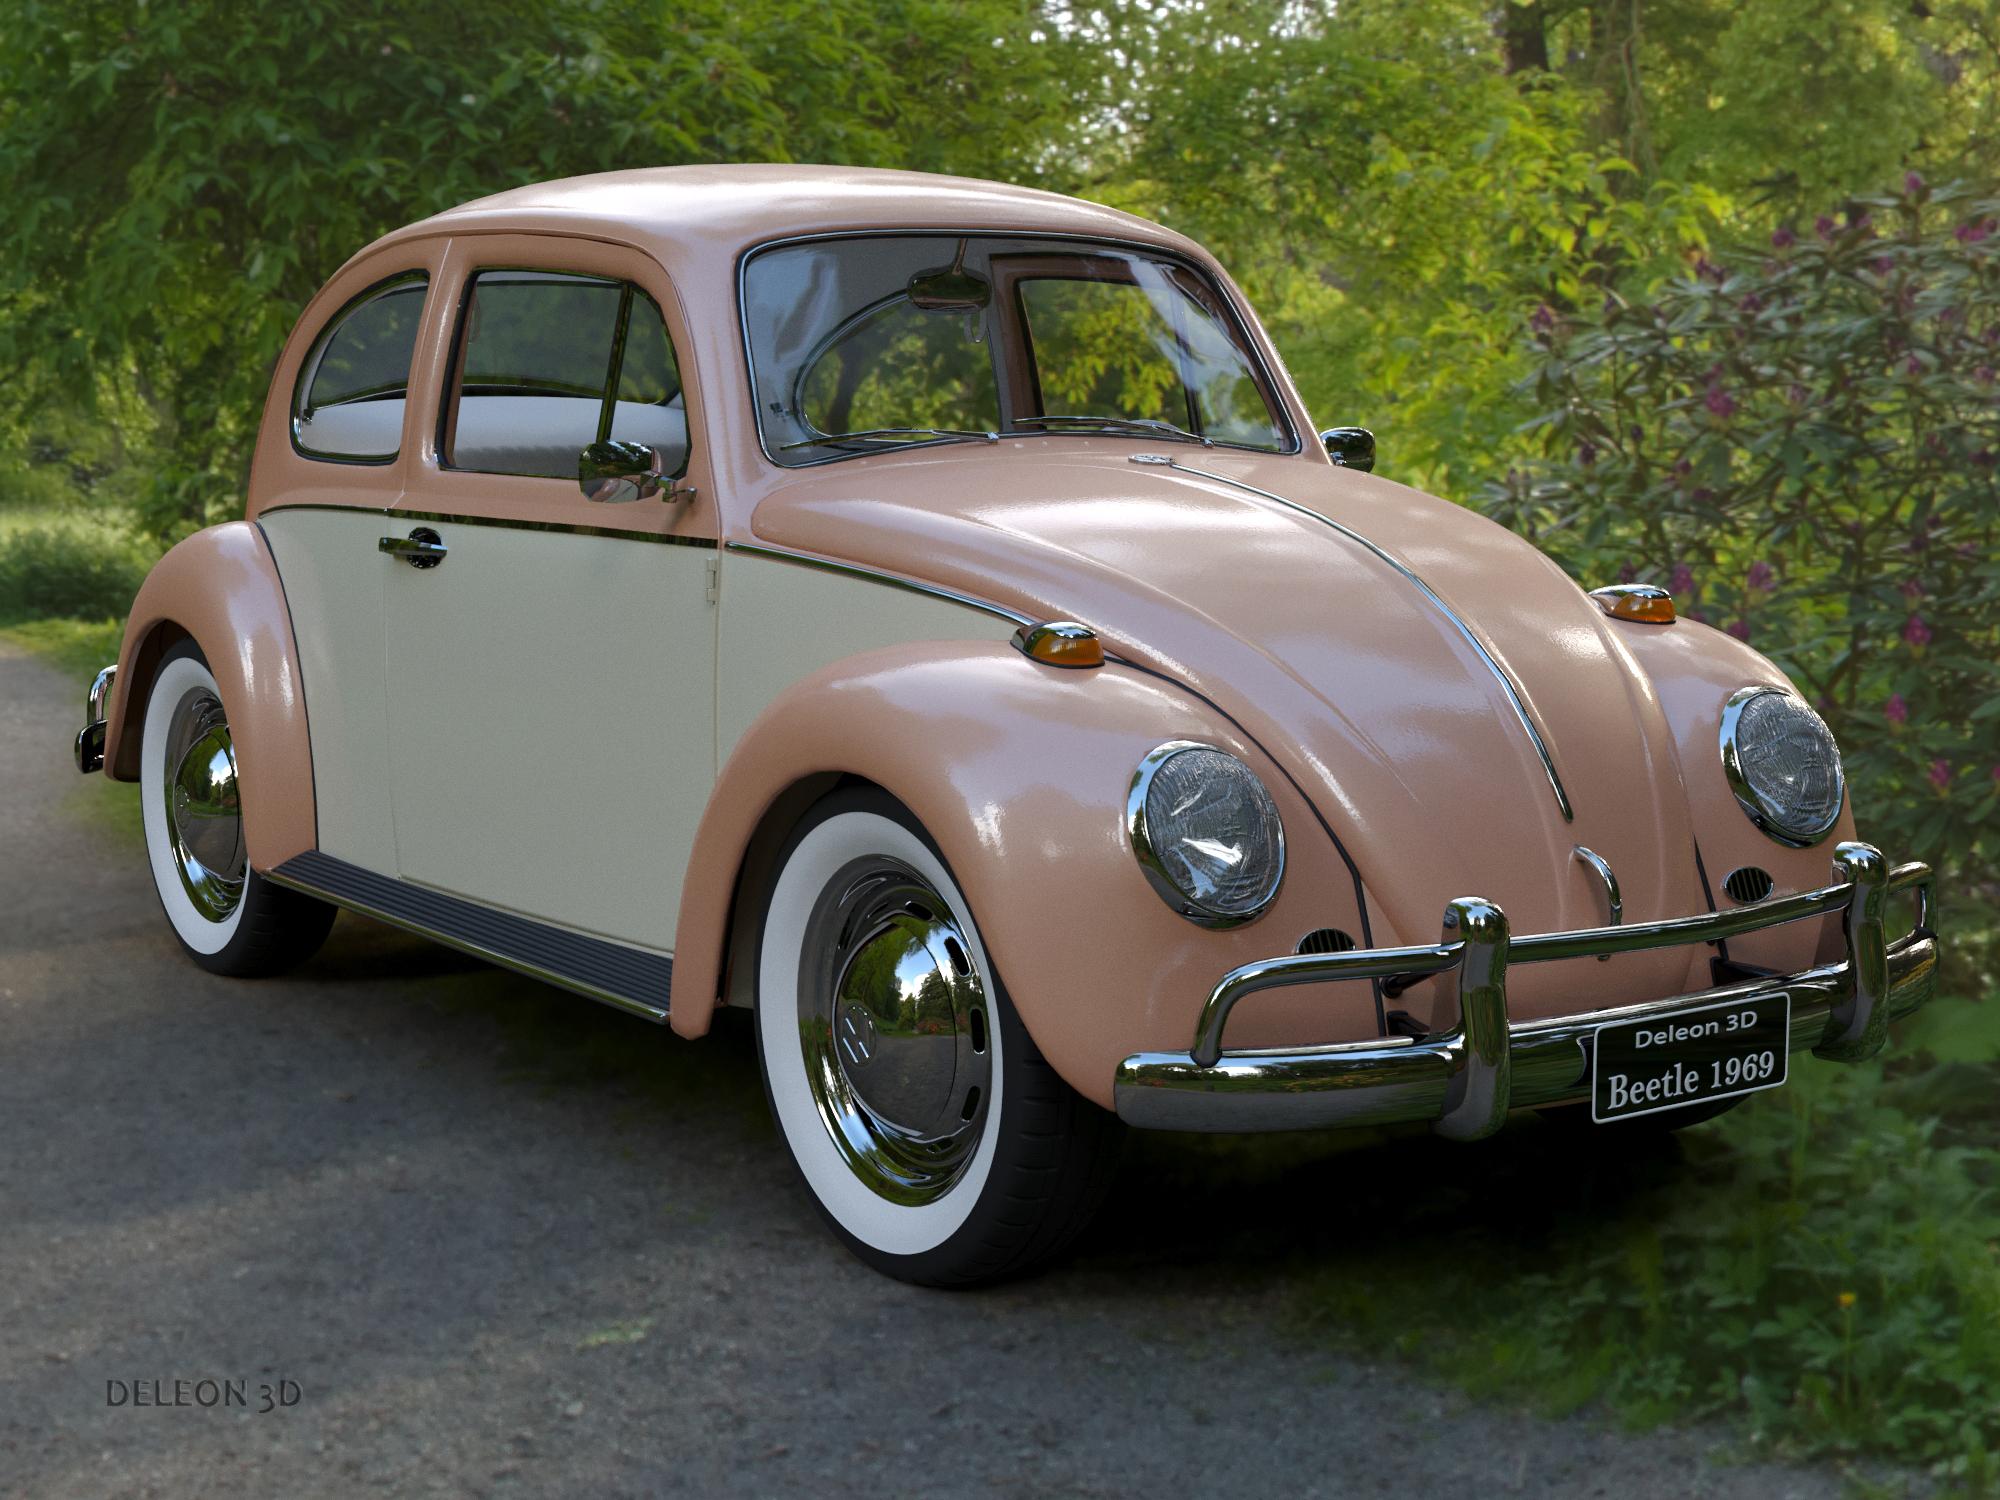 volkswagen beetle fusca 1969 3d model max c4d lxo ma mb  texture obj 263356